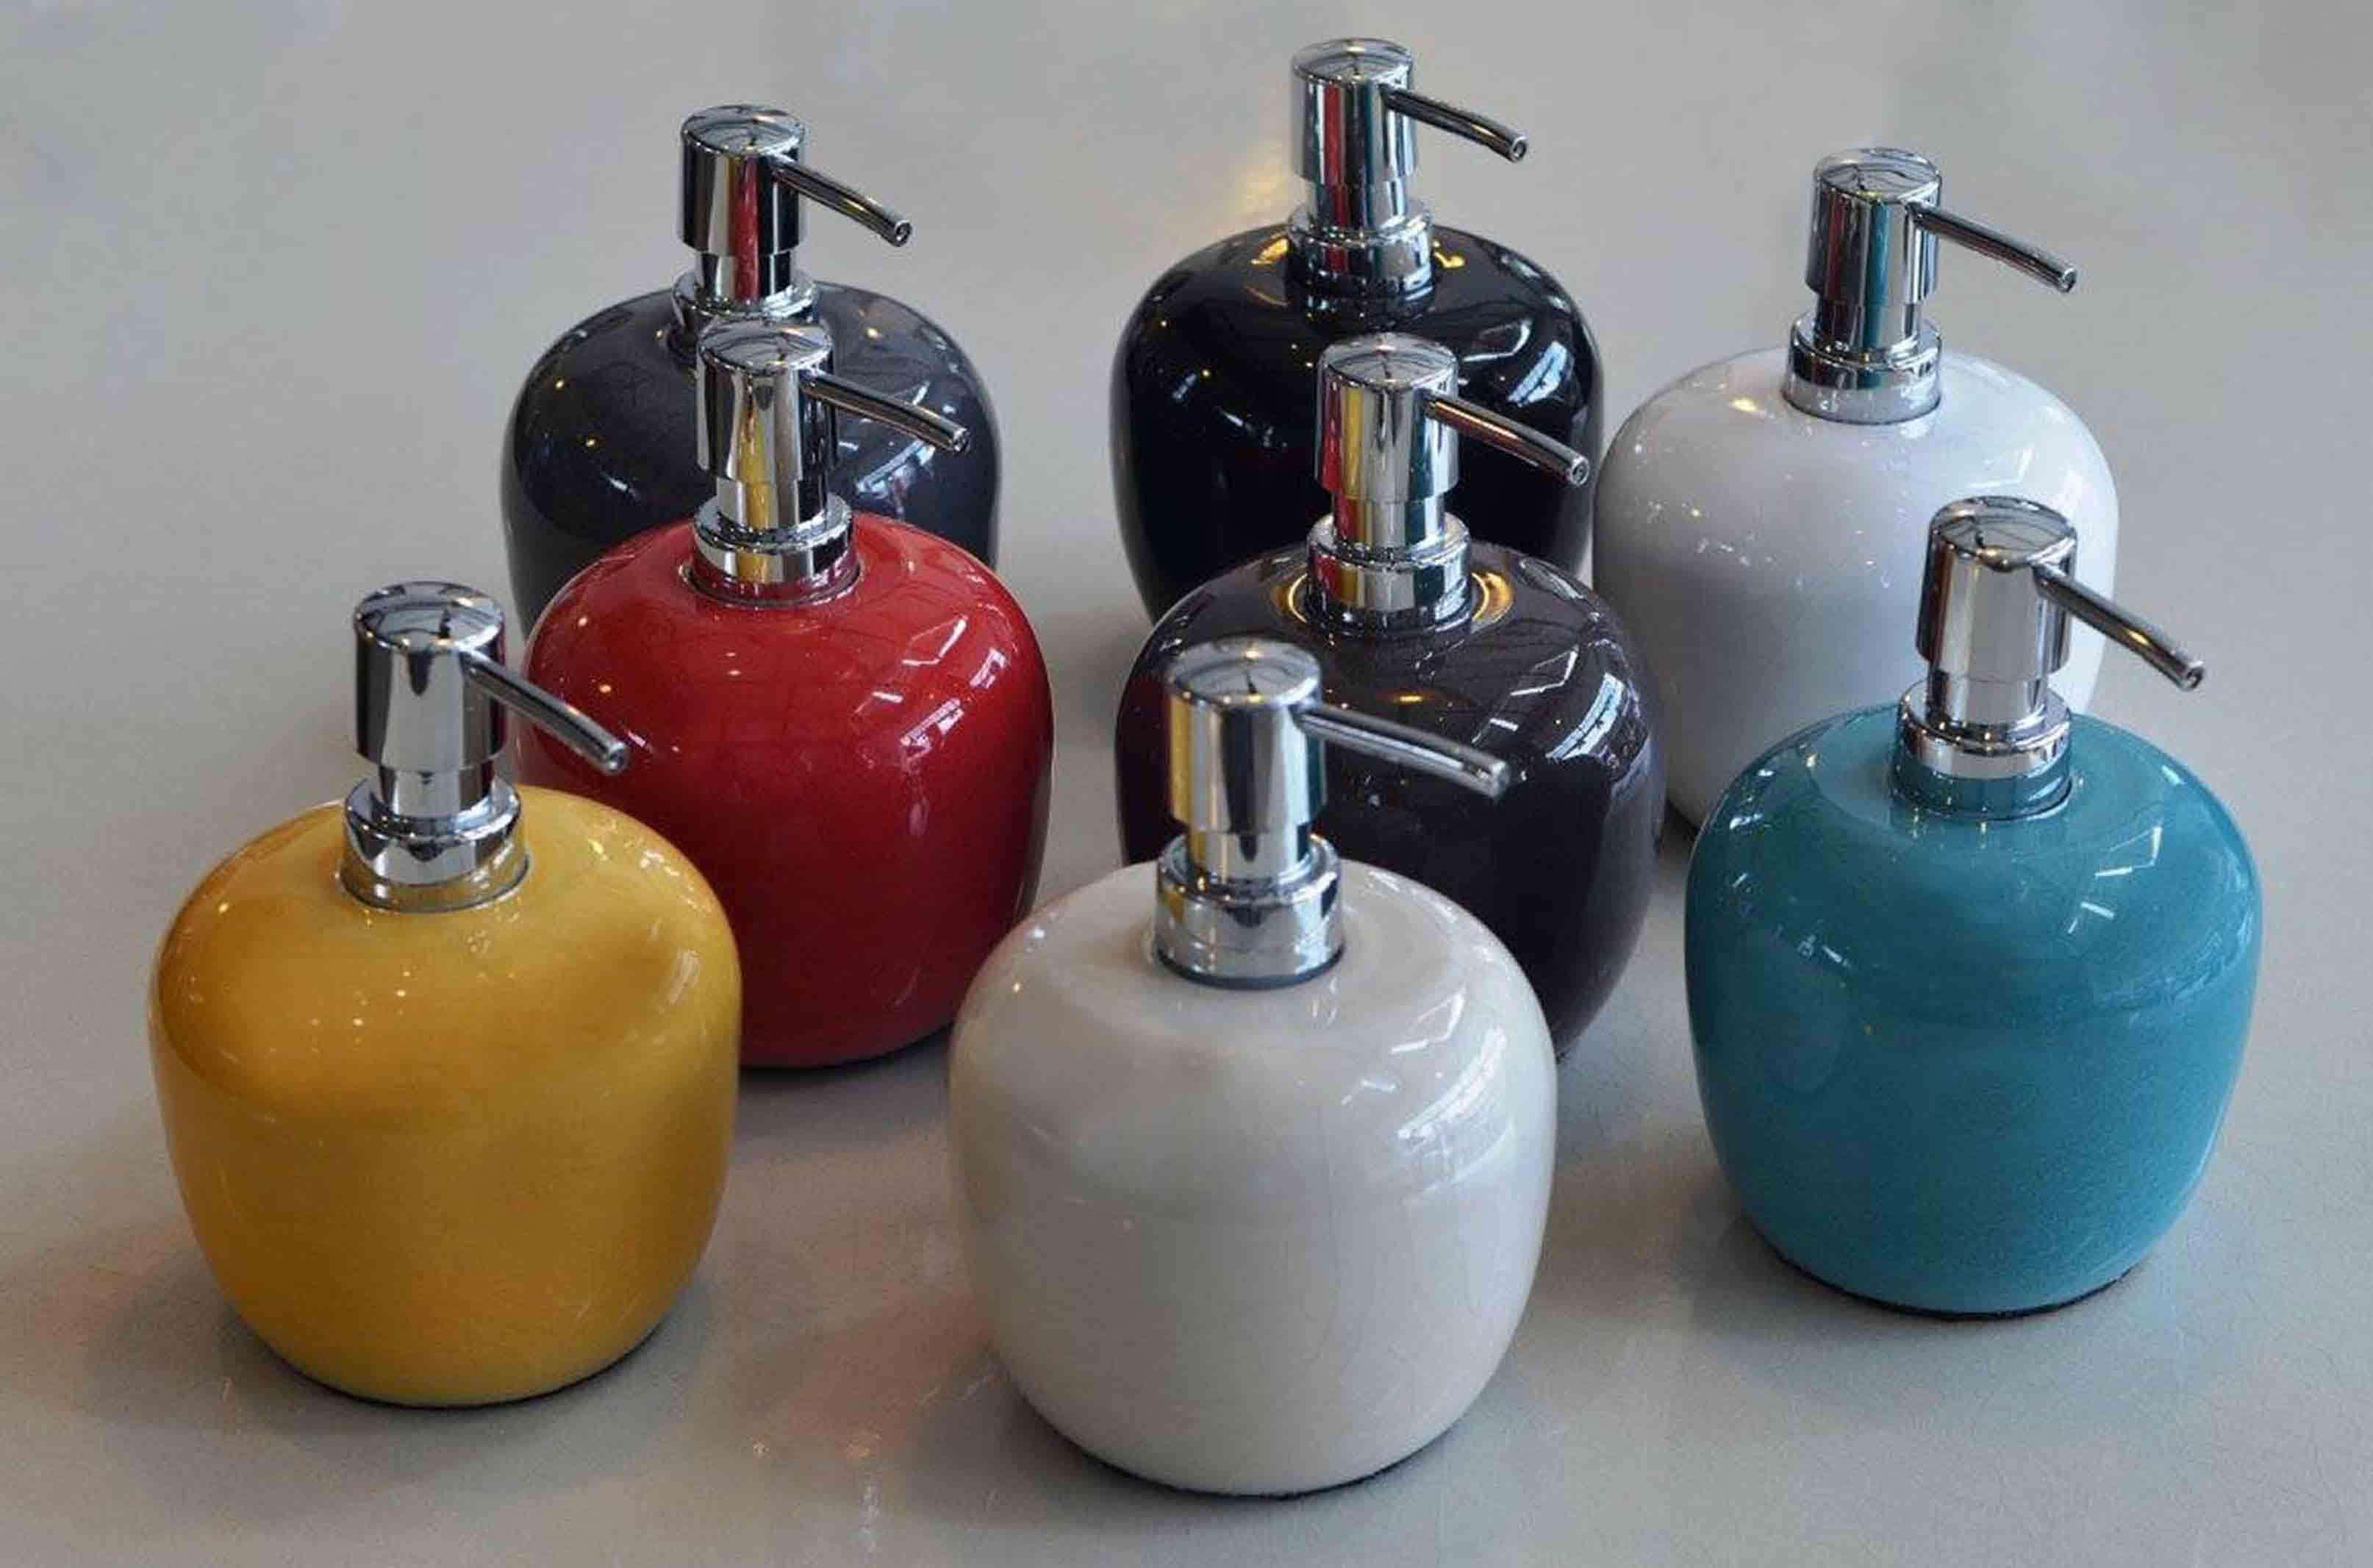 Soap-rond-coloré-divers-accesoires-savoncouleur-lave-volcan-modern-émaille-céramique-France-Luxe-design